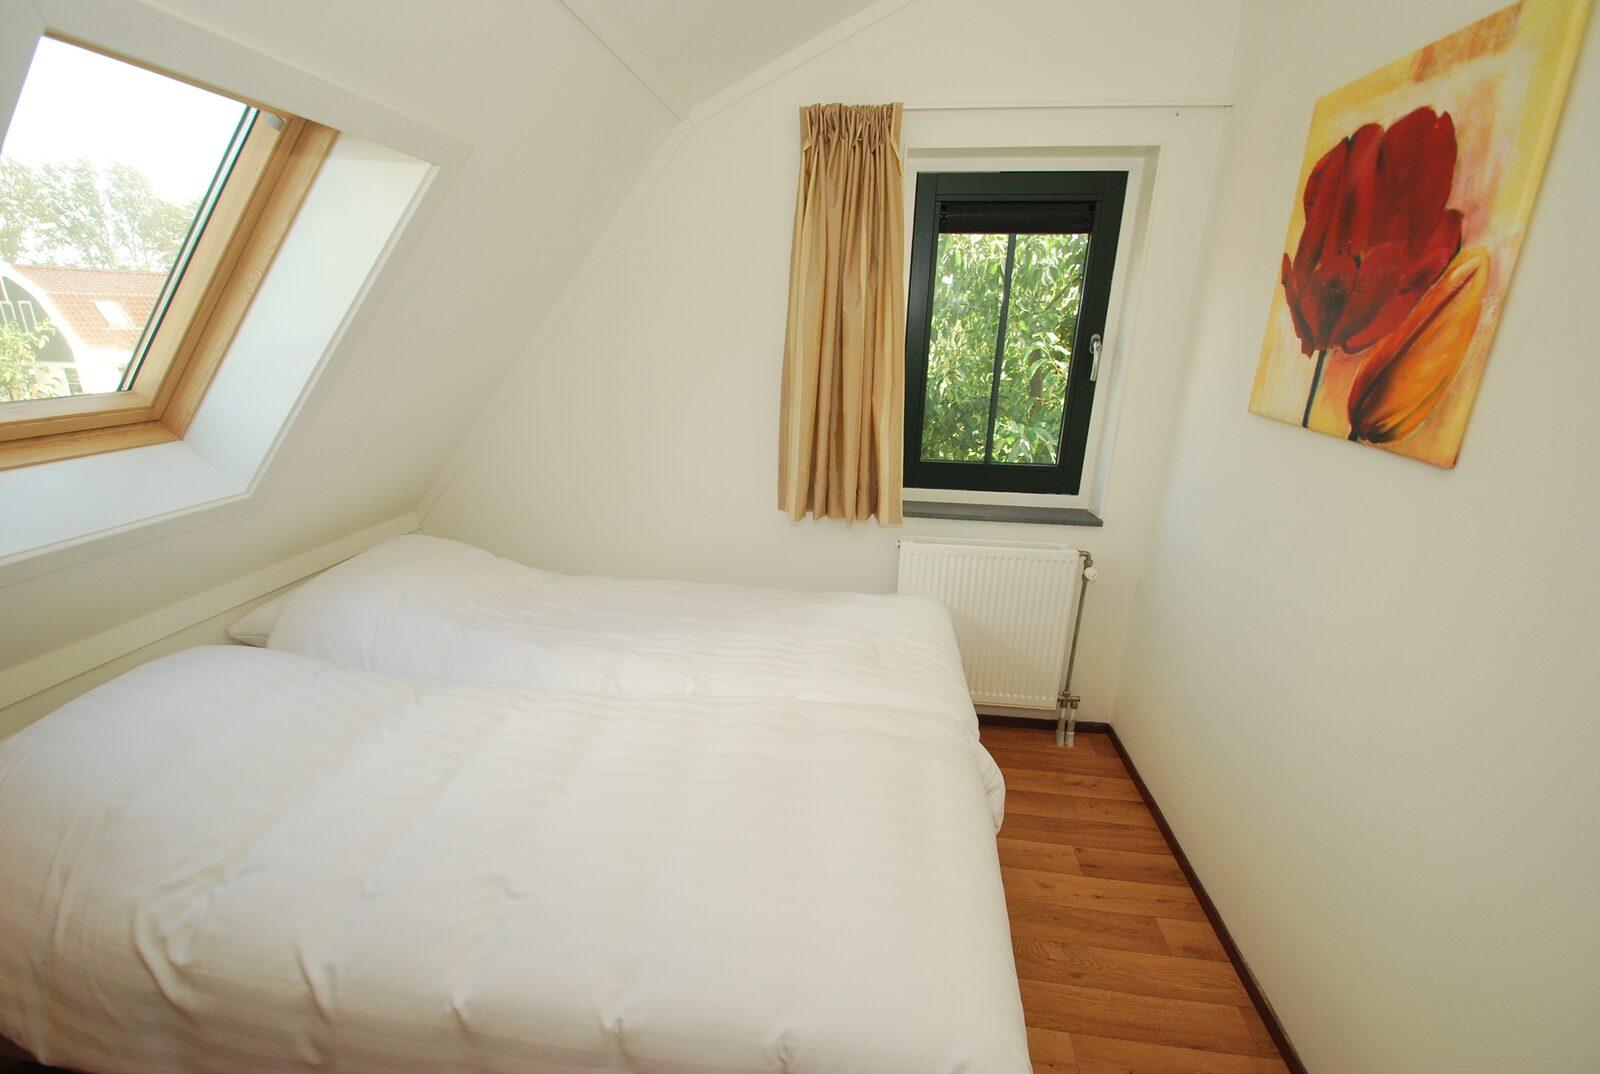 Koningshoeve 4 personen met 2 slaapkamers